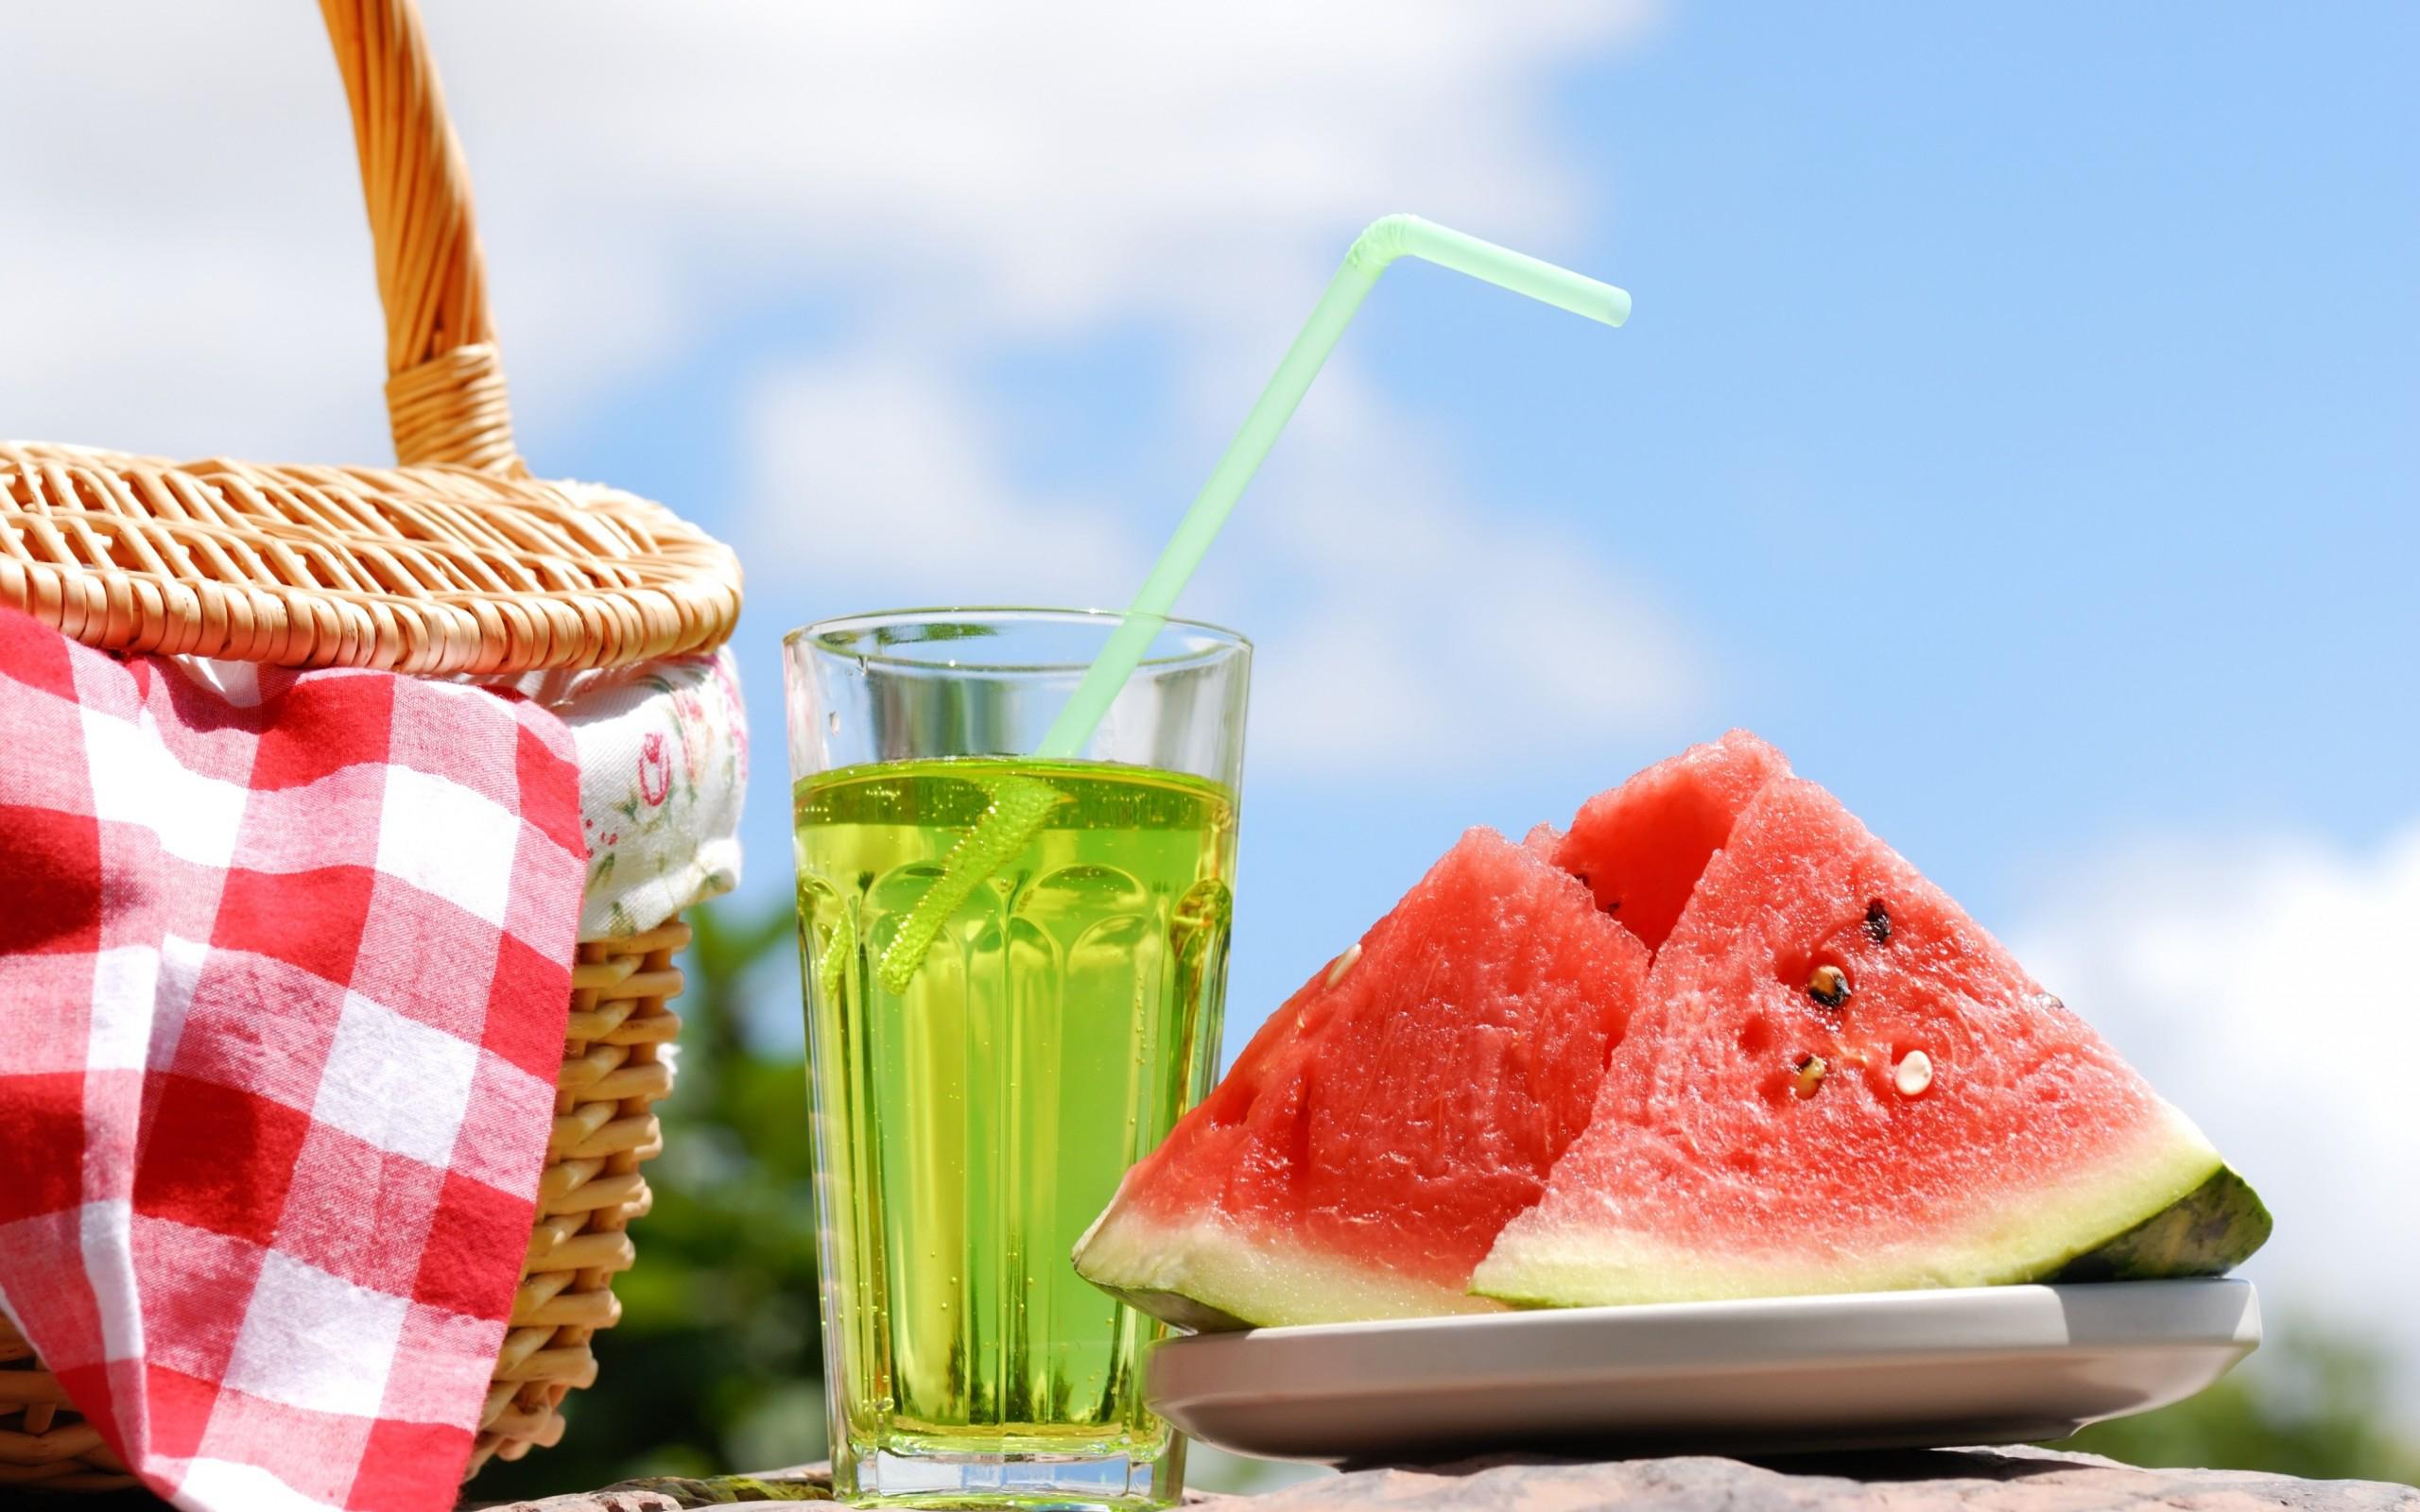 Обои напиток, стол, фрукты, цветы, фрукт дракона, апельсин, арбуз. Еда foto 16